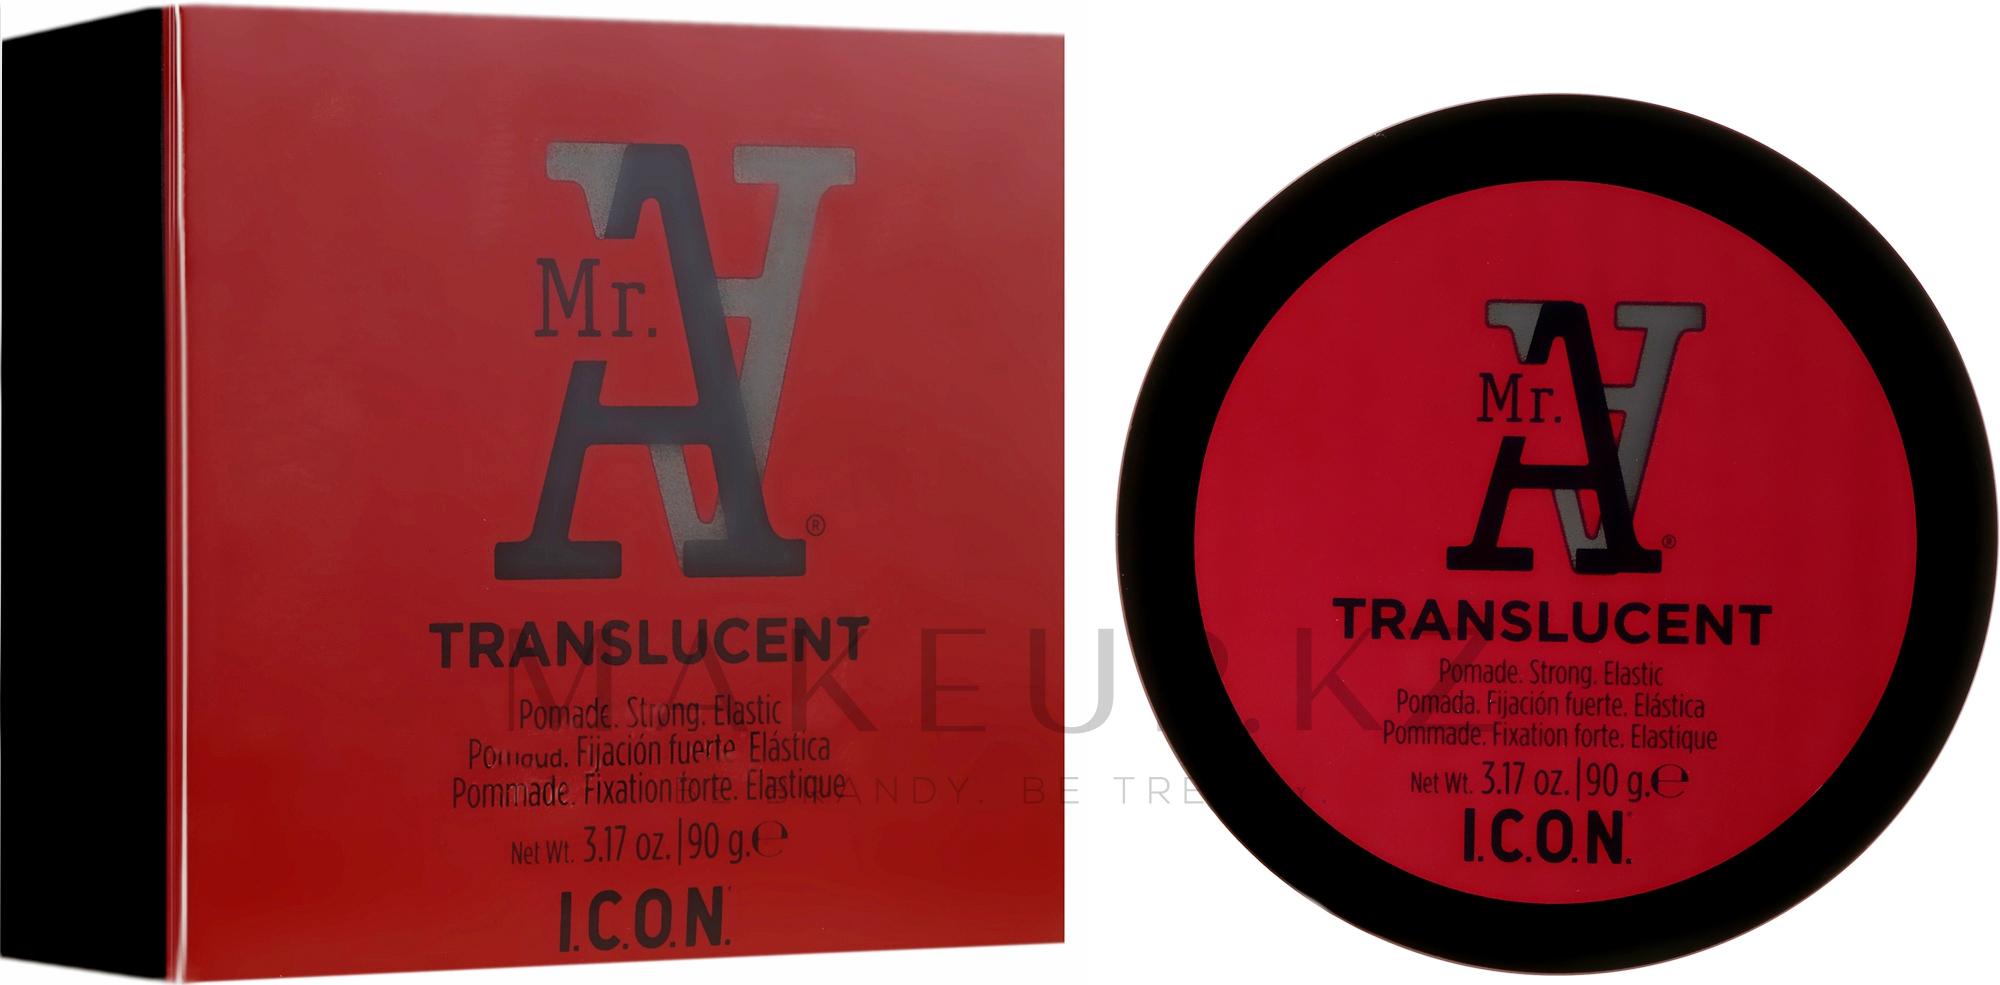 Помада для волос сильной фиксации - I.C.O.N. MR. A. Transclucent Pomade Strong Elastic — фото 90 g